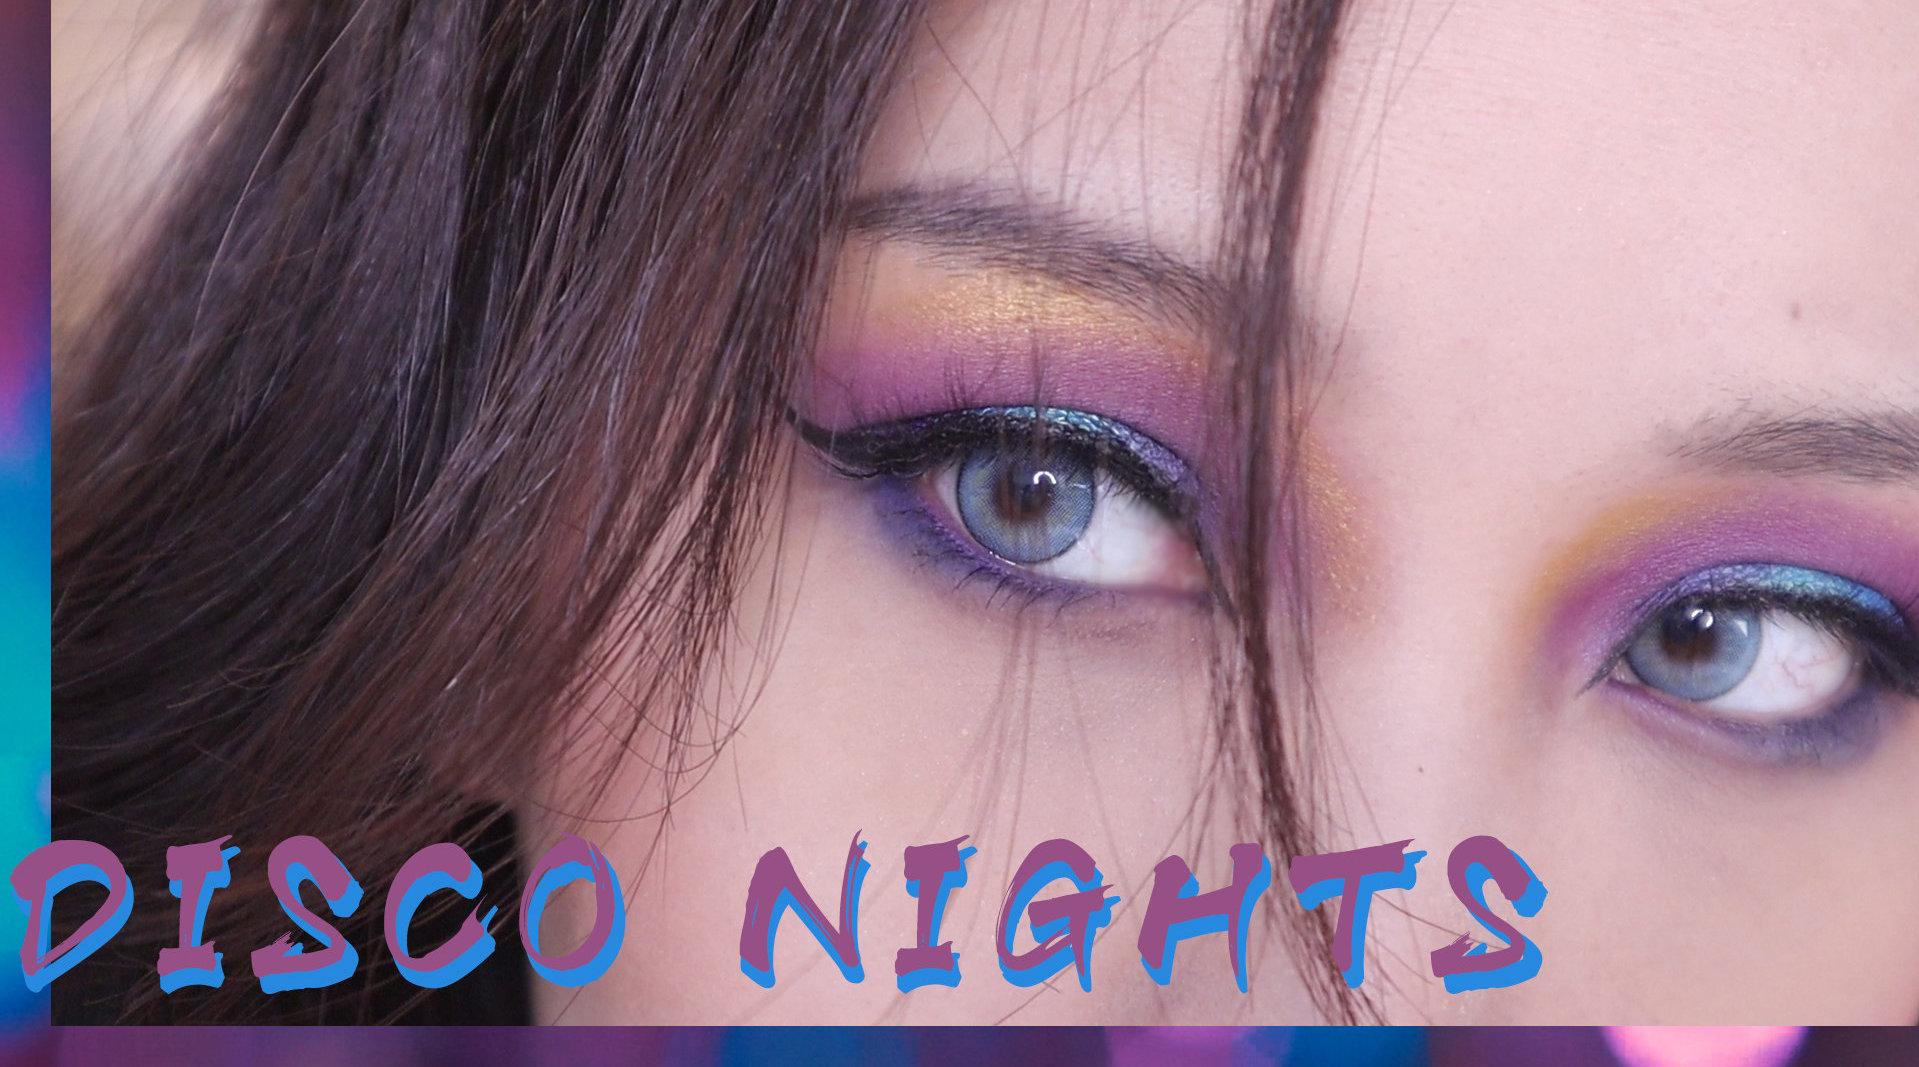 喵格 |   酷,可以冲淡一切所谓的艳俗颜色 紫色、蓝色